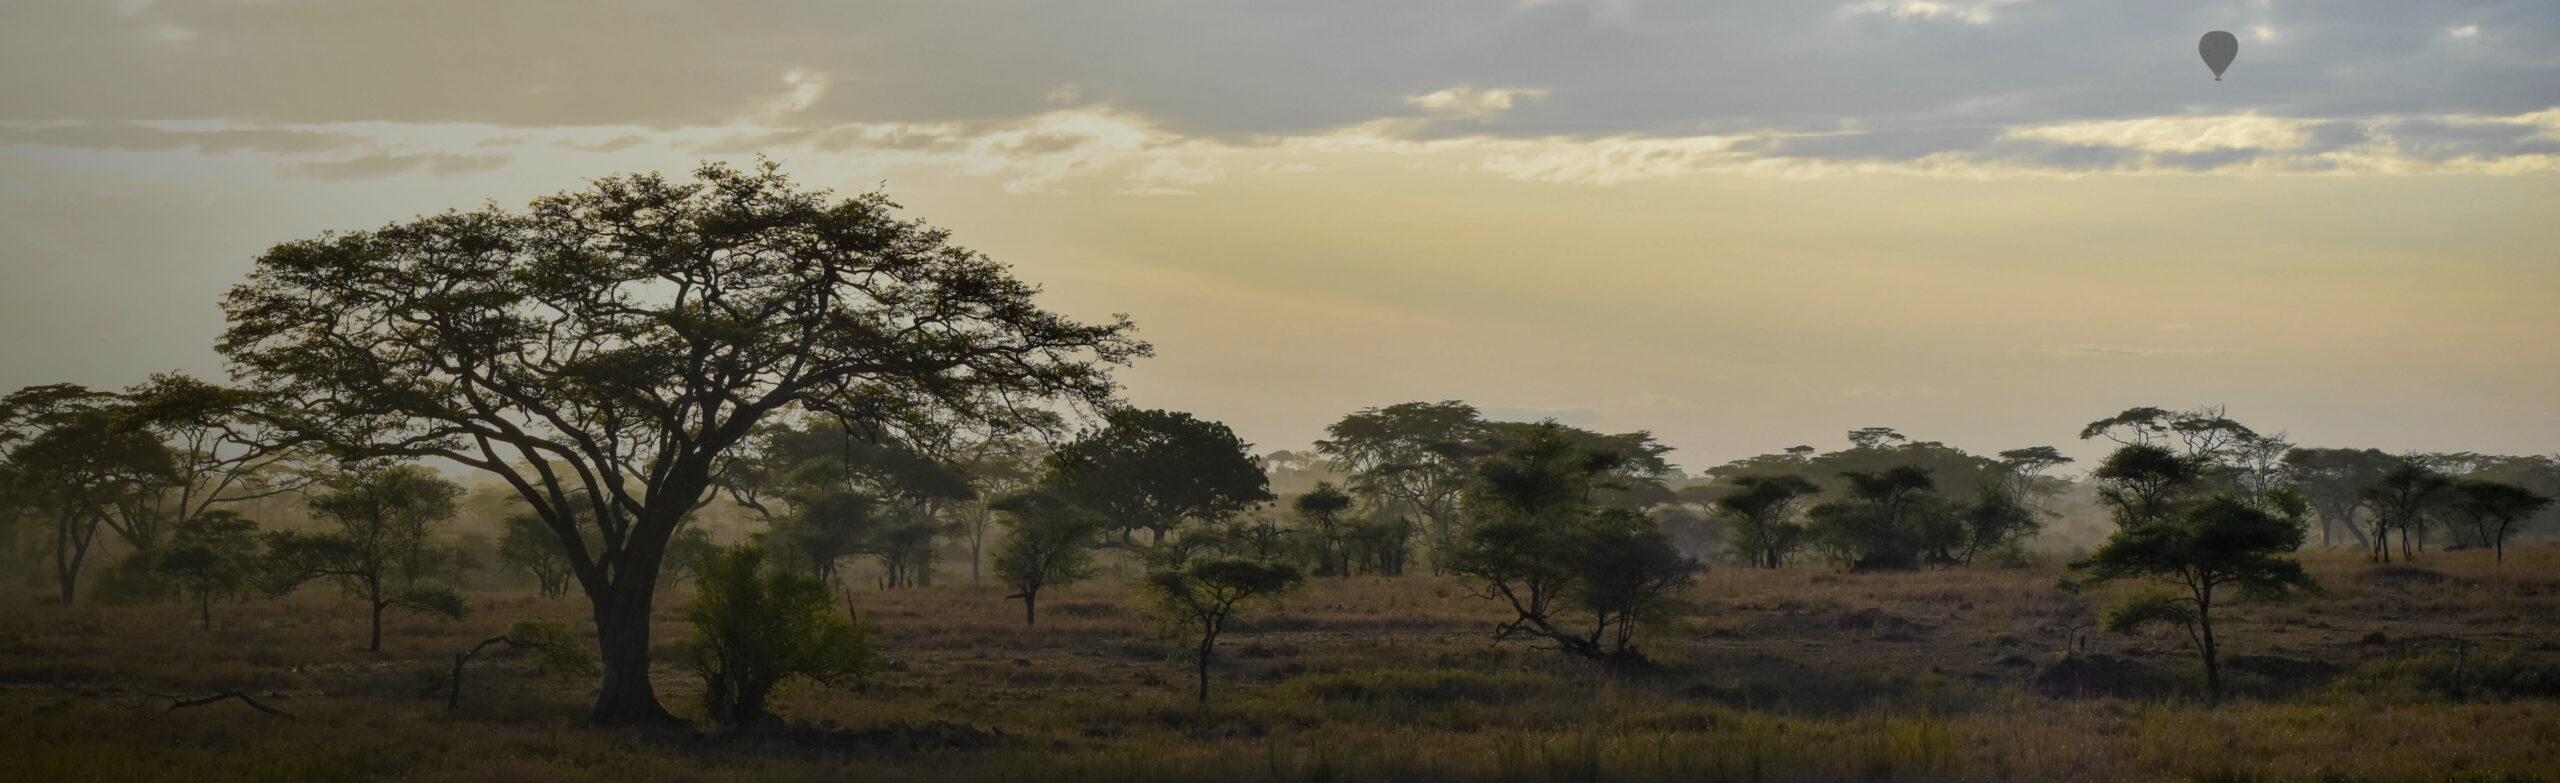 Tarangire National Park And Manyara National Park